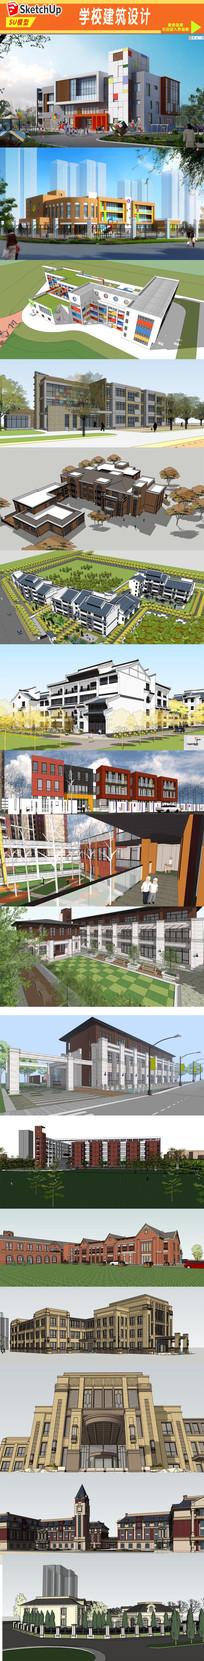 学校建筑设计模型效果图 skp